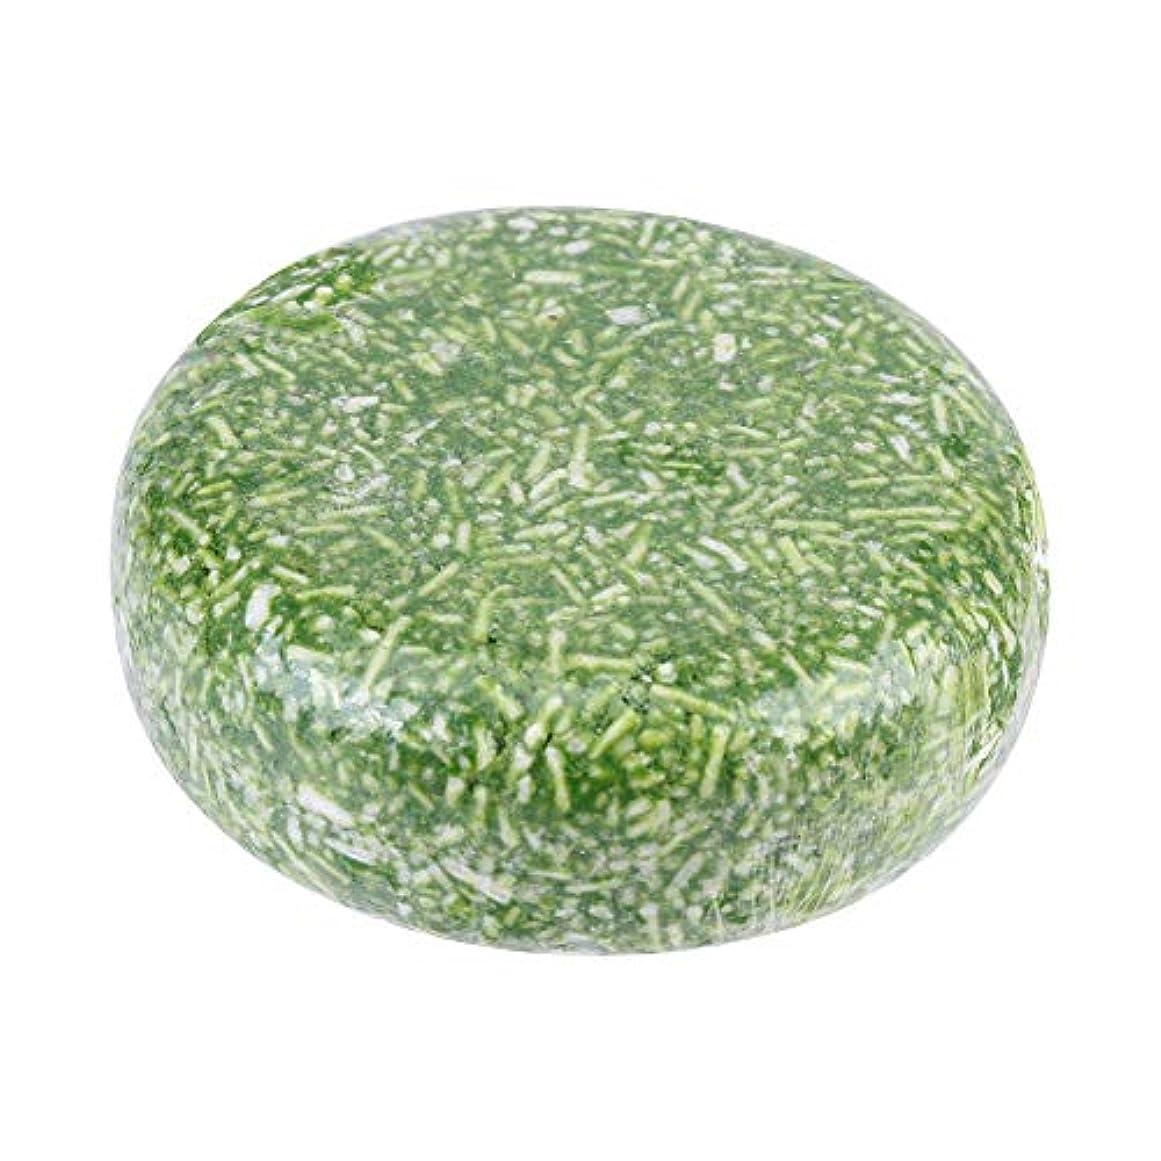 ギャロップバーゲン含むオーガニック手作り冷たいシナモンシャンプーバー100%ピュアヘアシャンプー(グリーン)